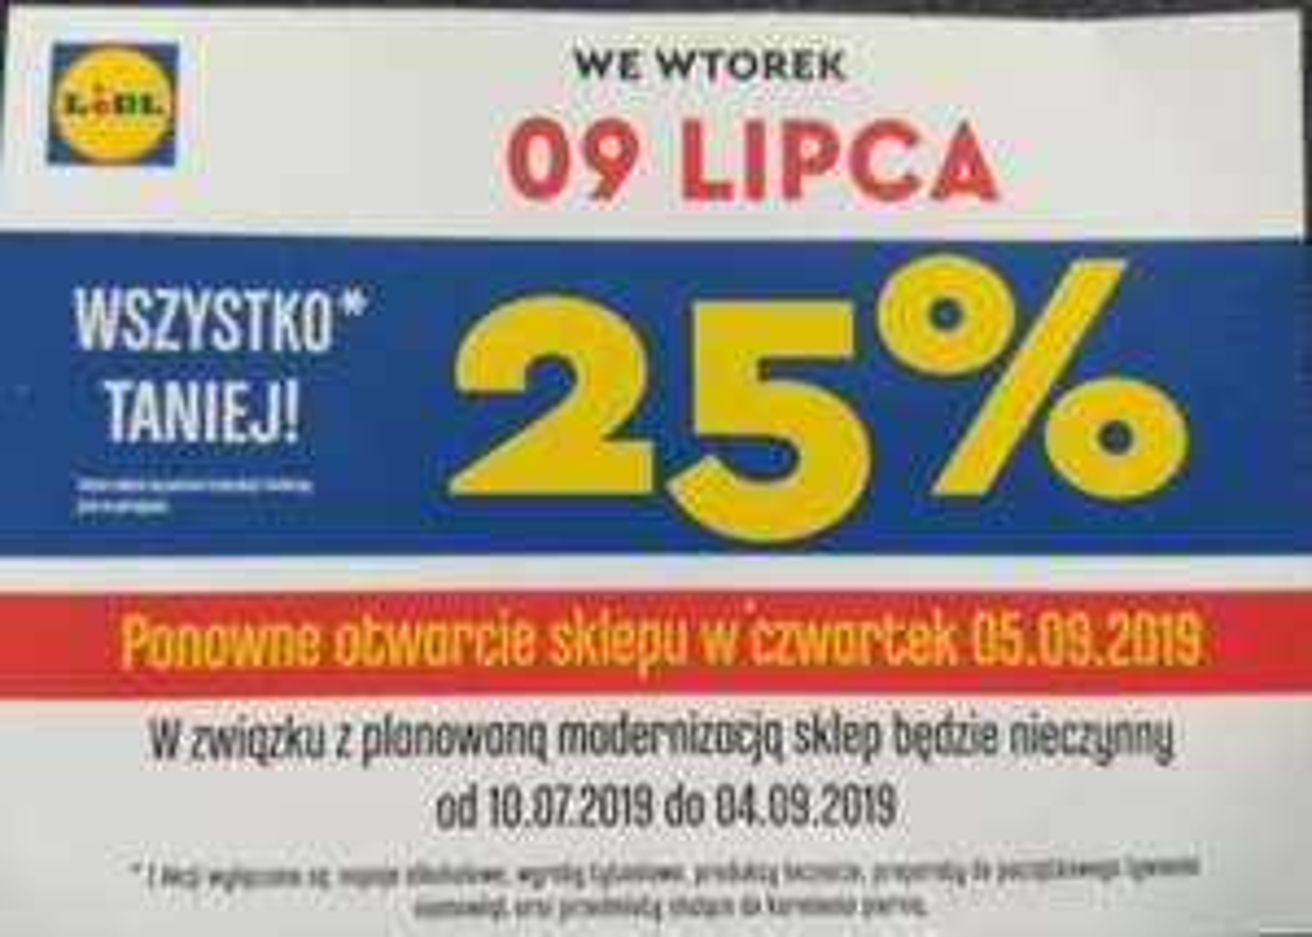 09.07.2019 Lidl(ul. Grochowska Warszawa) 25% zniżki na wszystko. (oprócz alkoholu tytoniu)